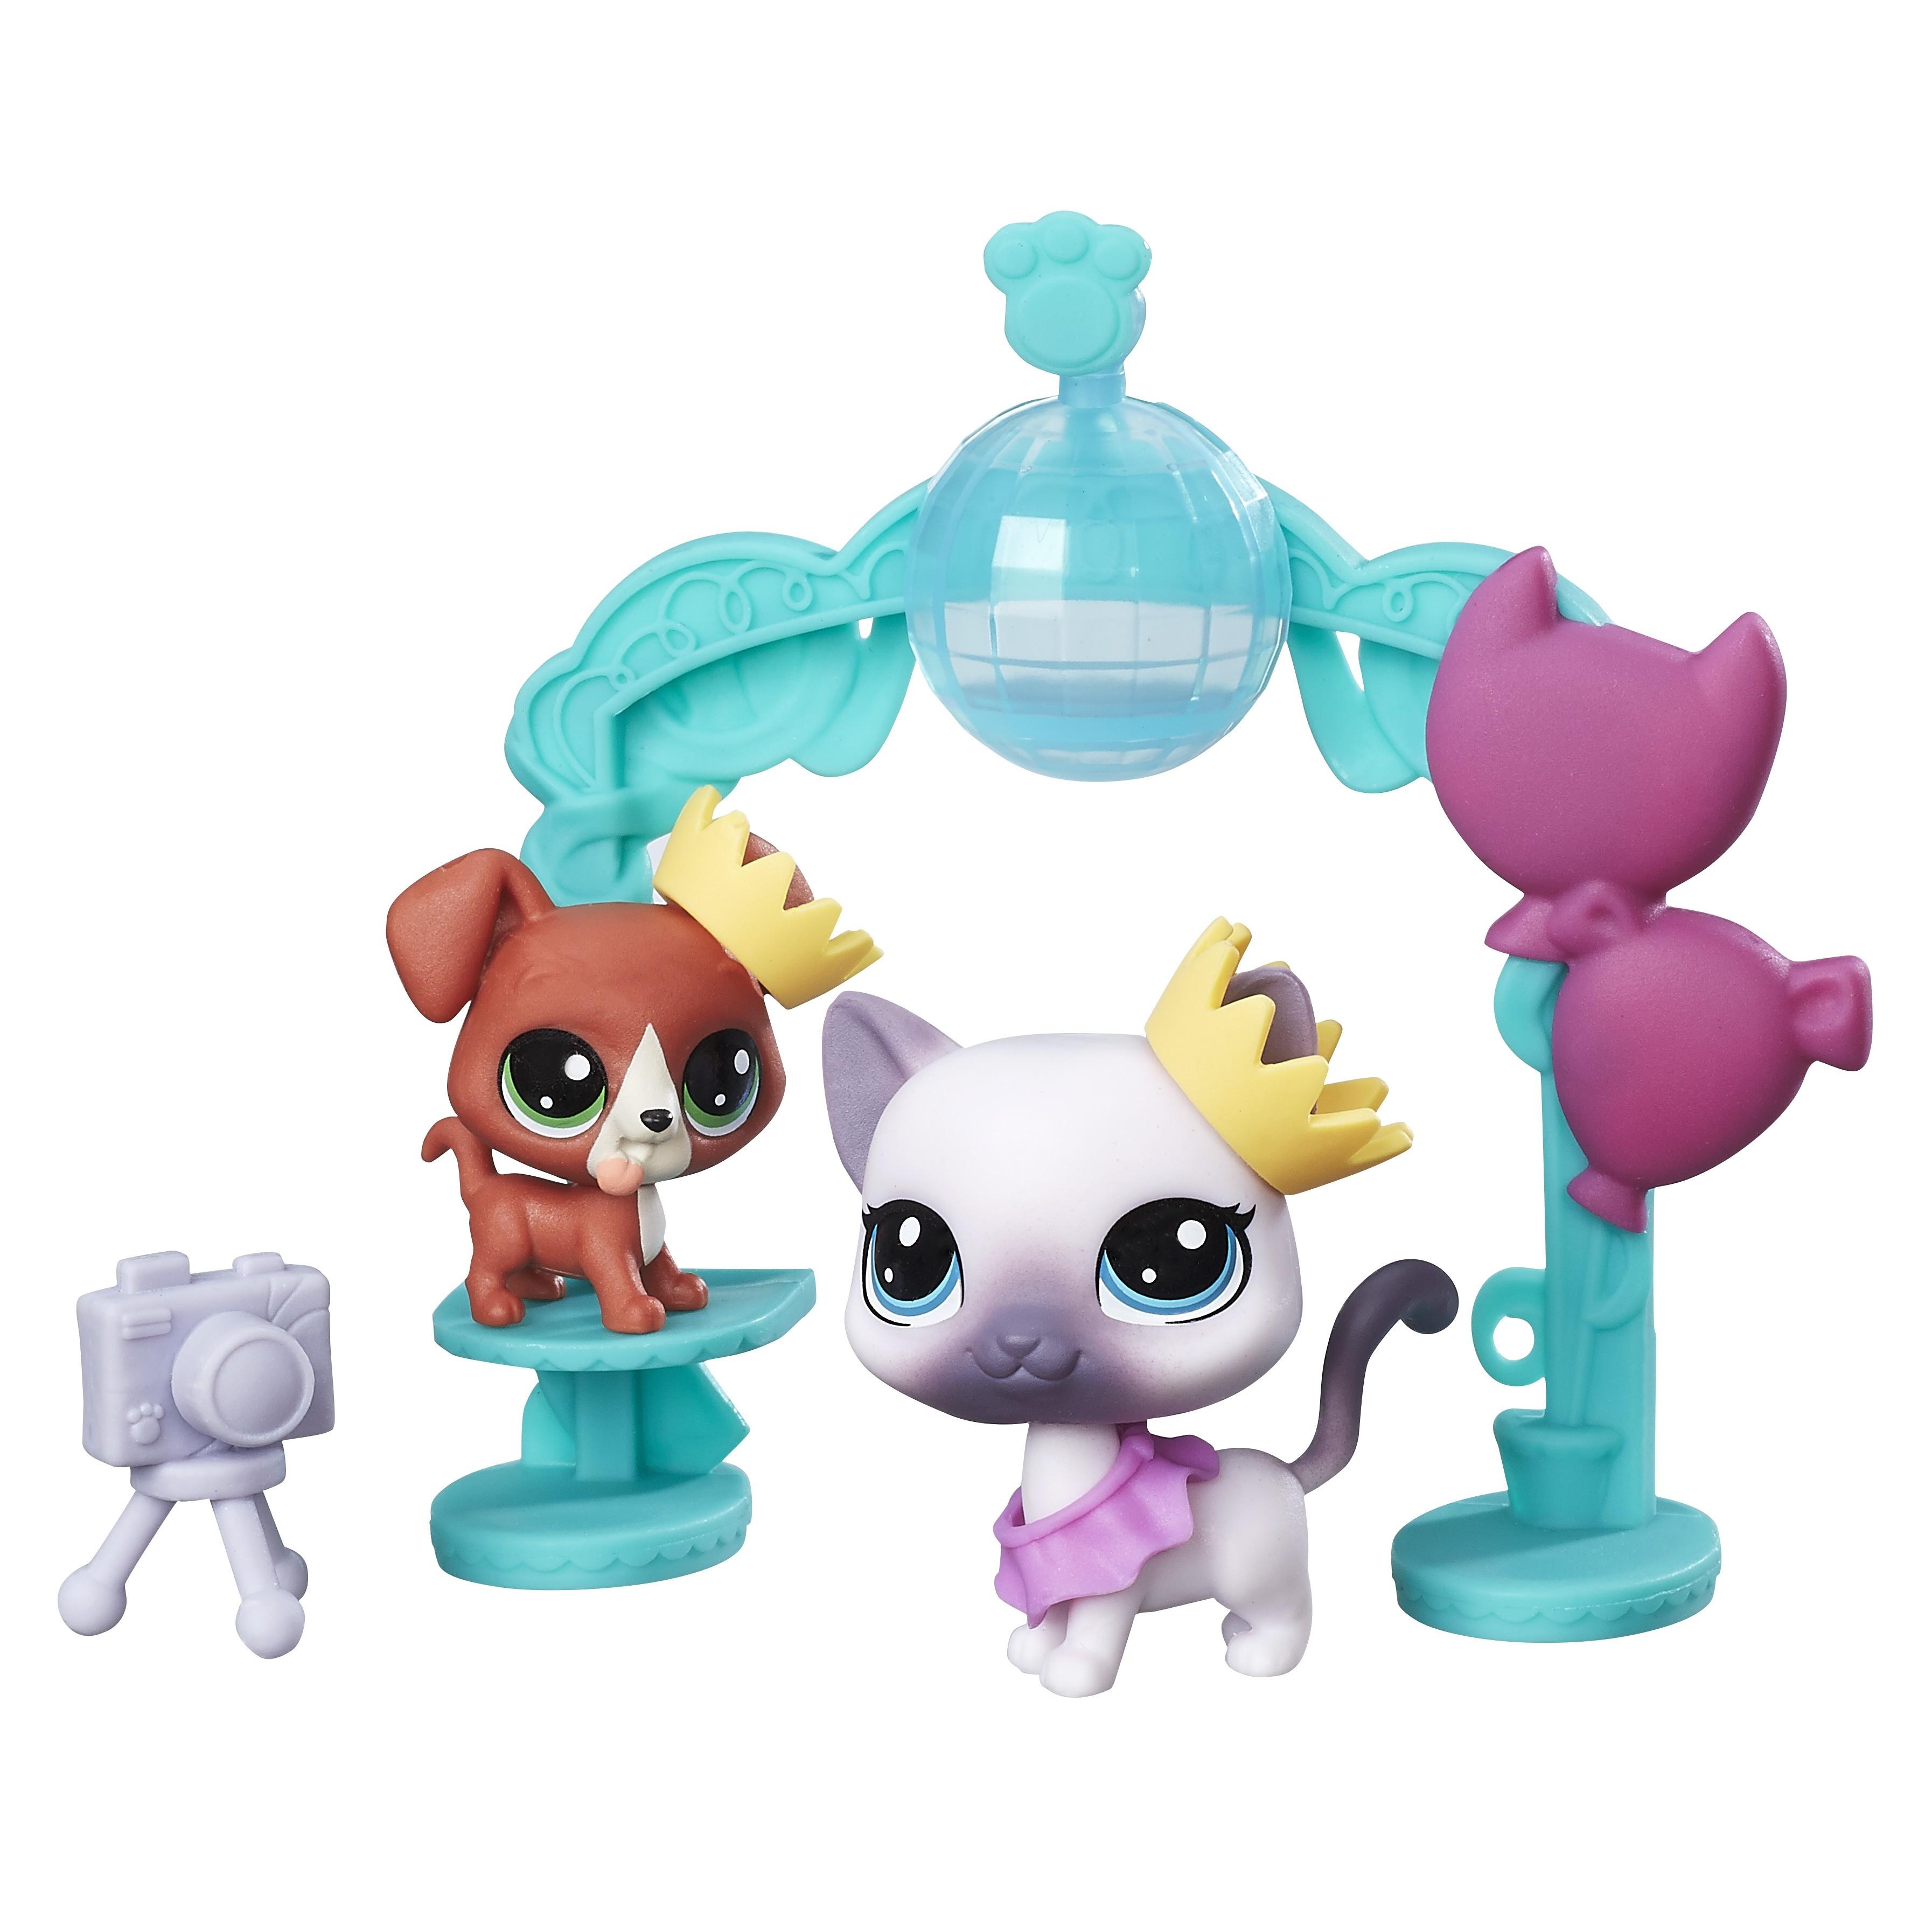 Littlest Pet Shop LITTLEST PET SHOP Чудесные приключения игровой набор littlest pet shop новые чудесные приключения